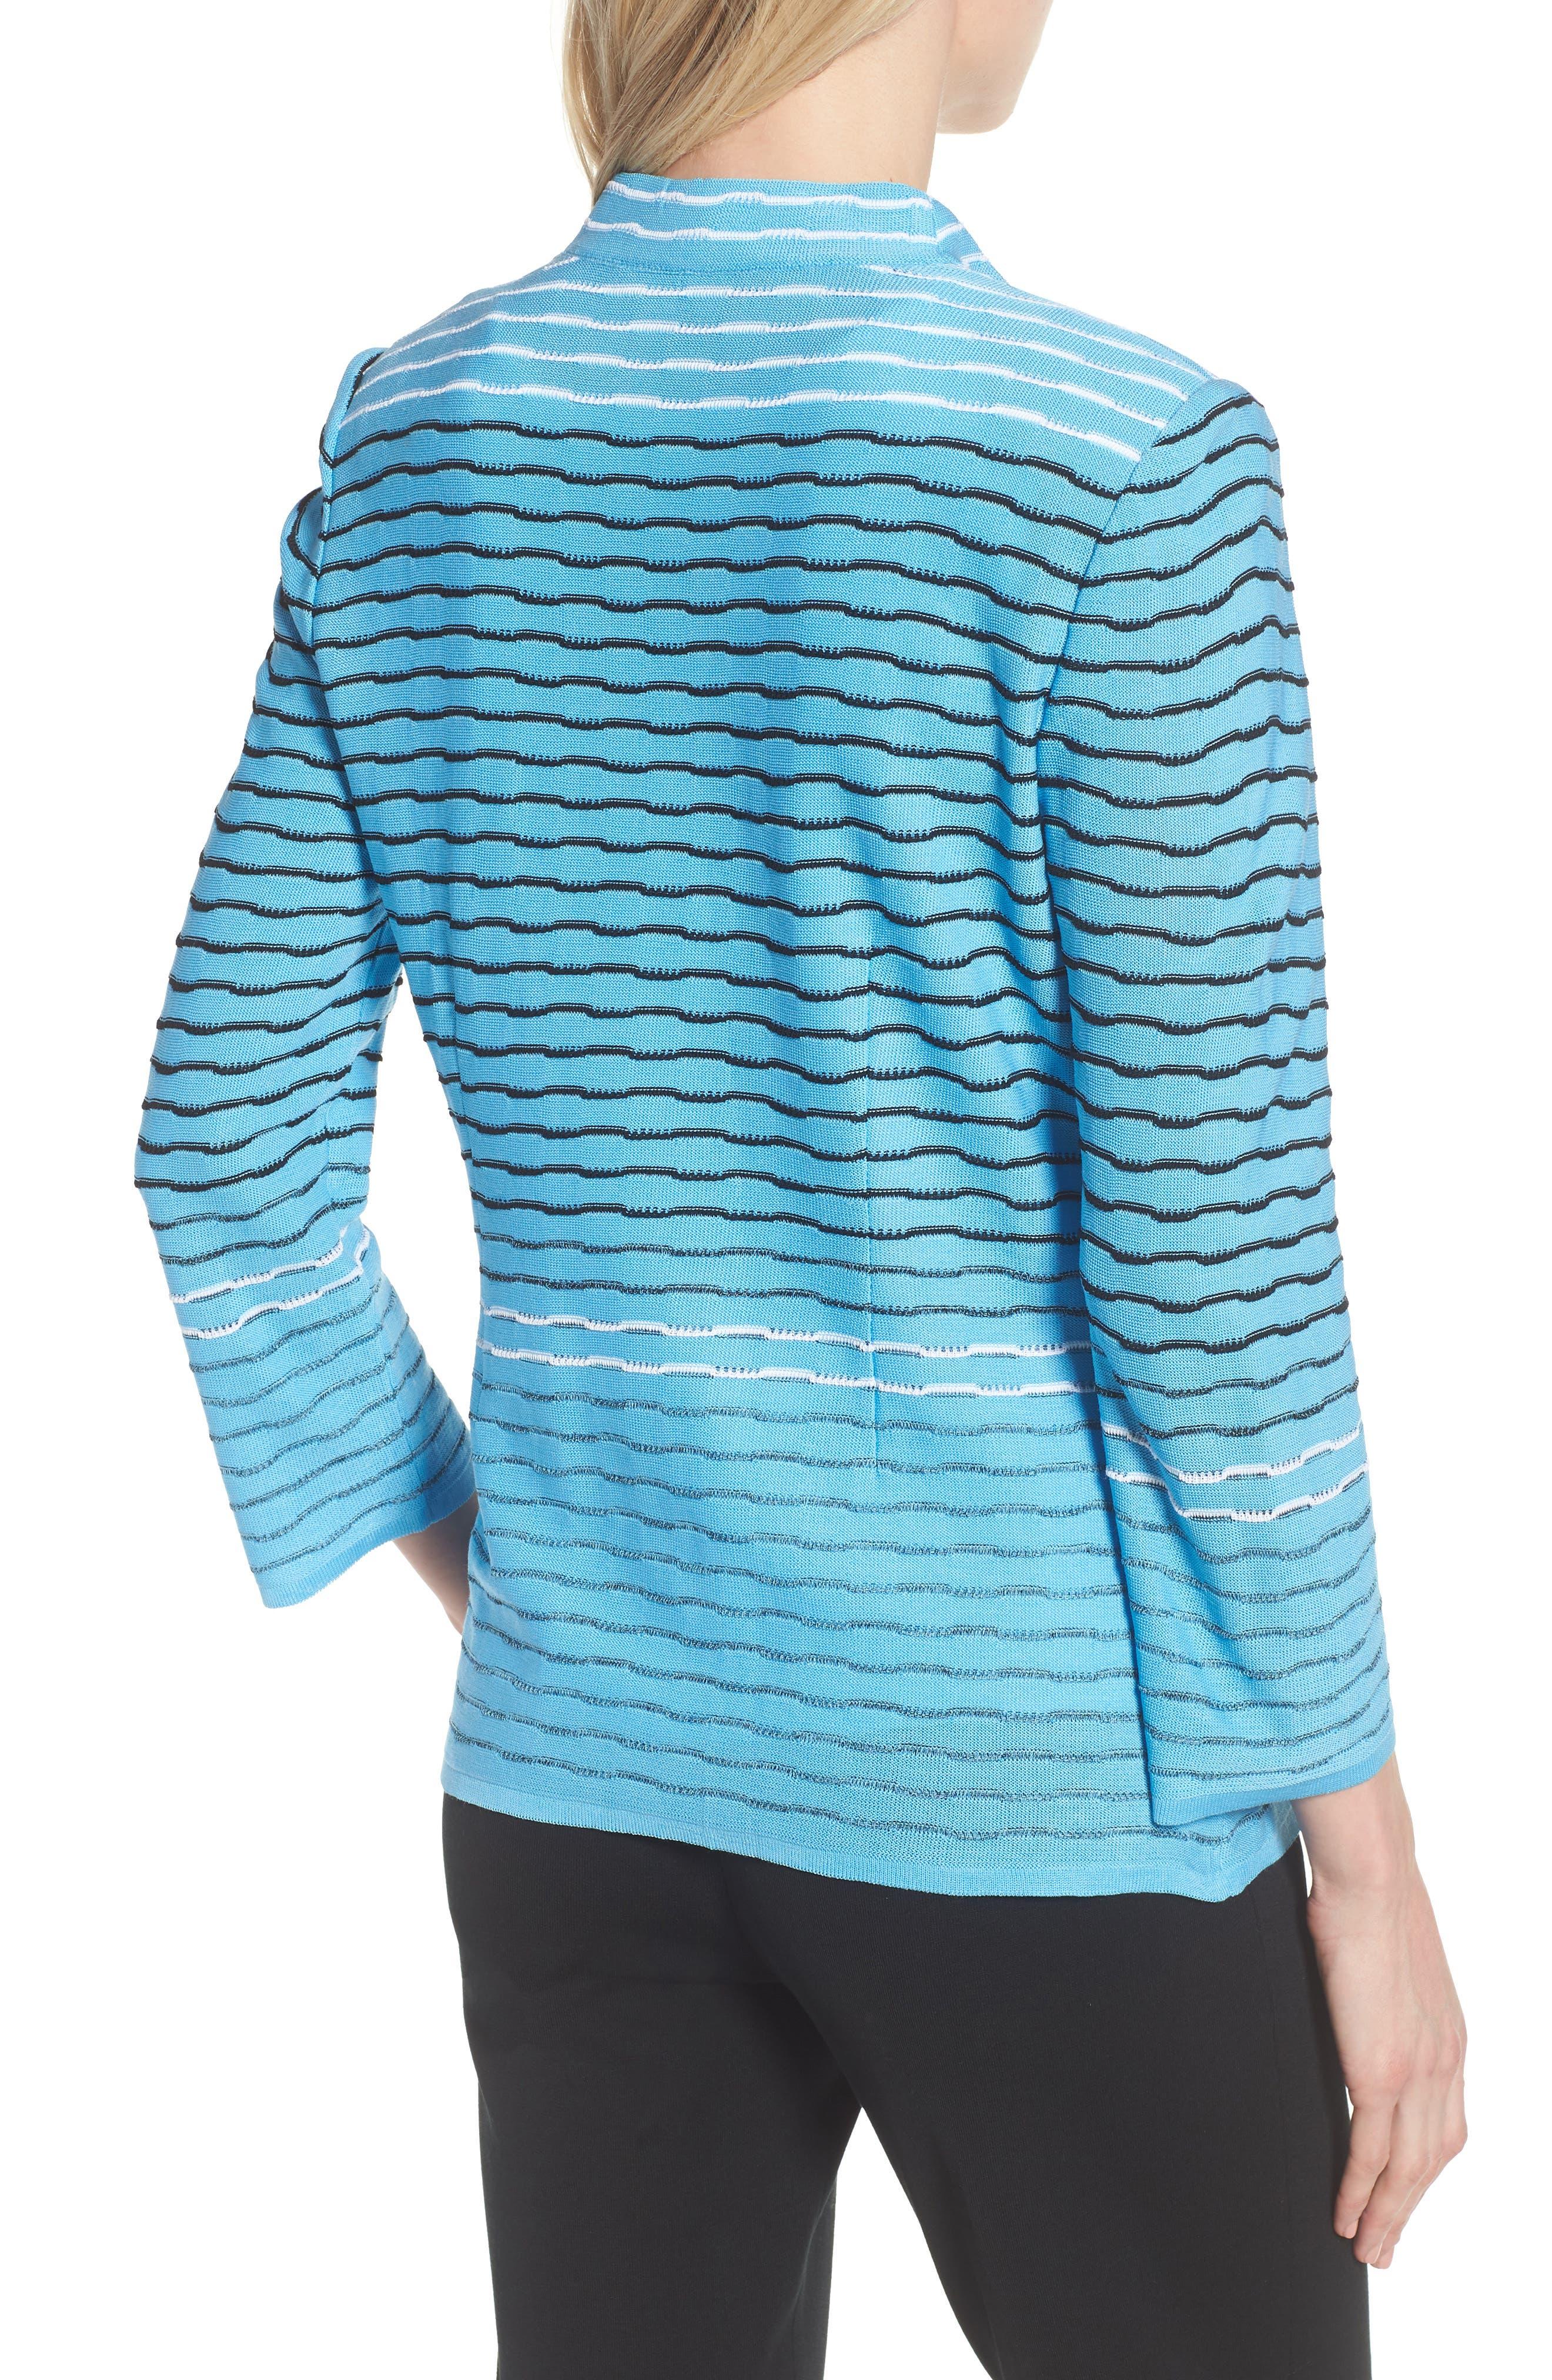 Jacquard Knit Jacket,                             Alternate thumbnail 2, color,                             BLUEBONNET/ BLACK/ WHITE